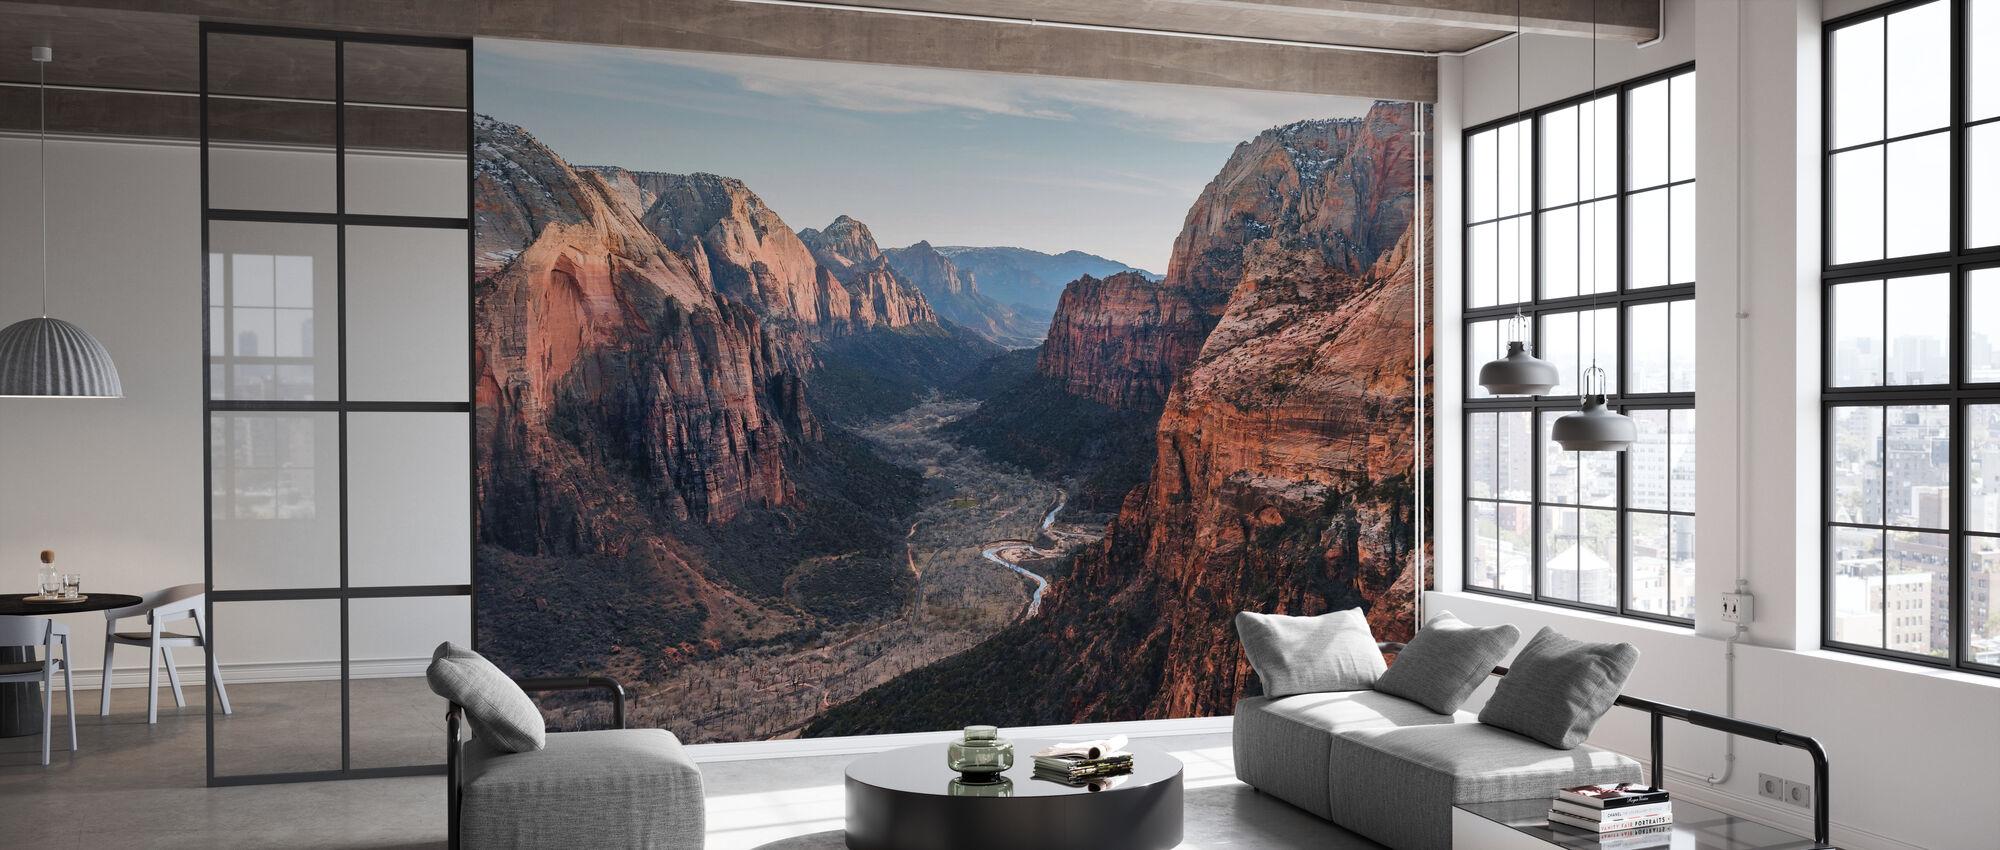 Canyon Desert Geology - Wallpaper - Office